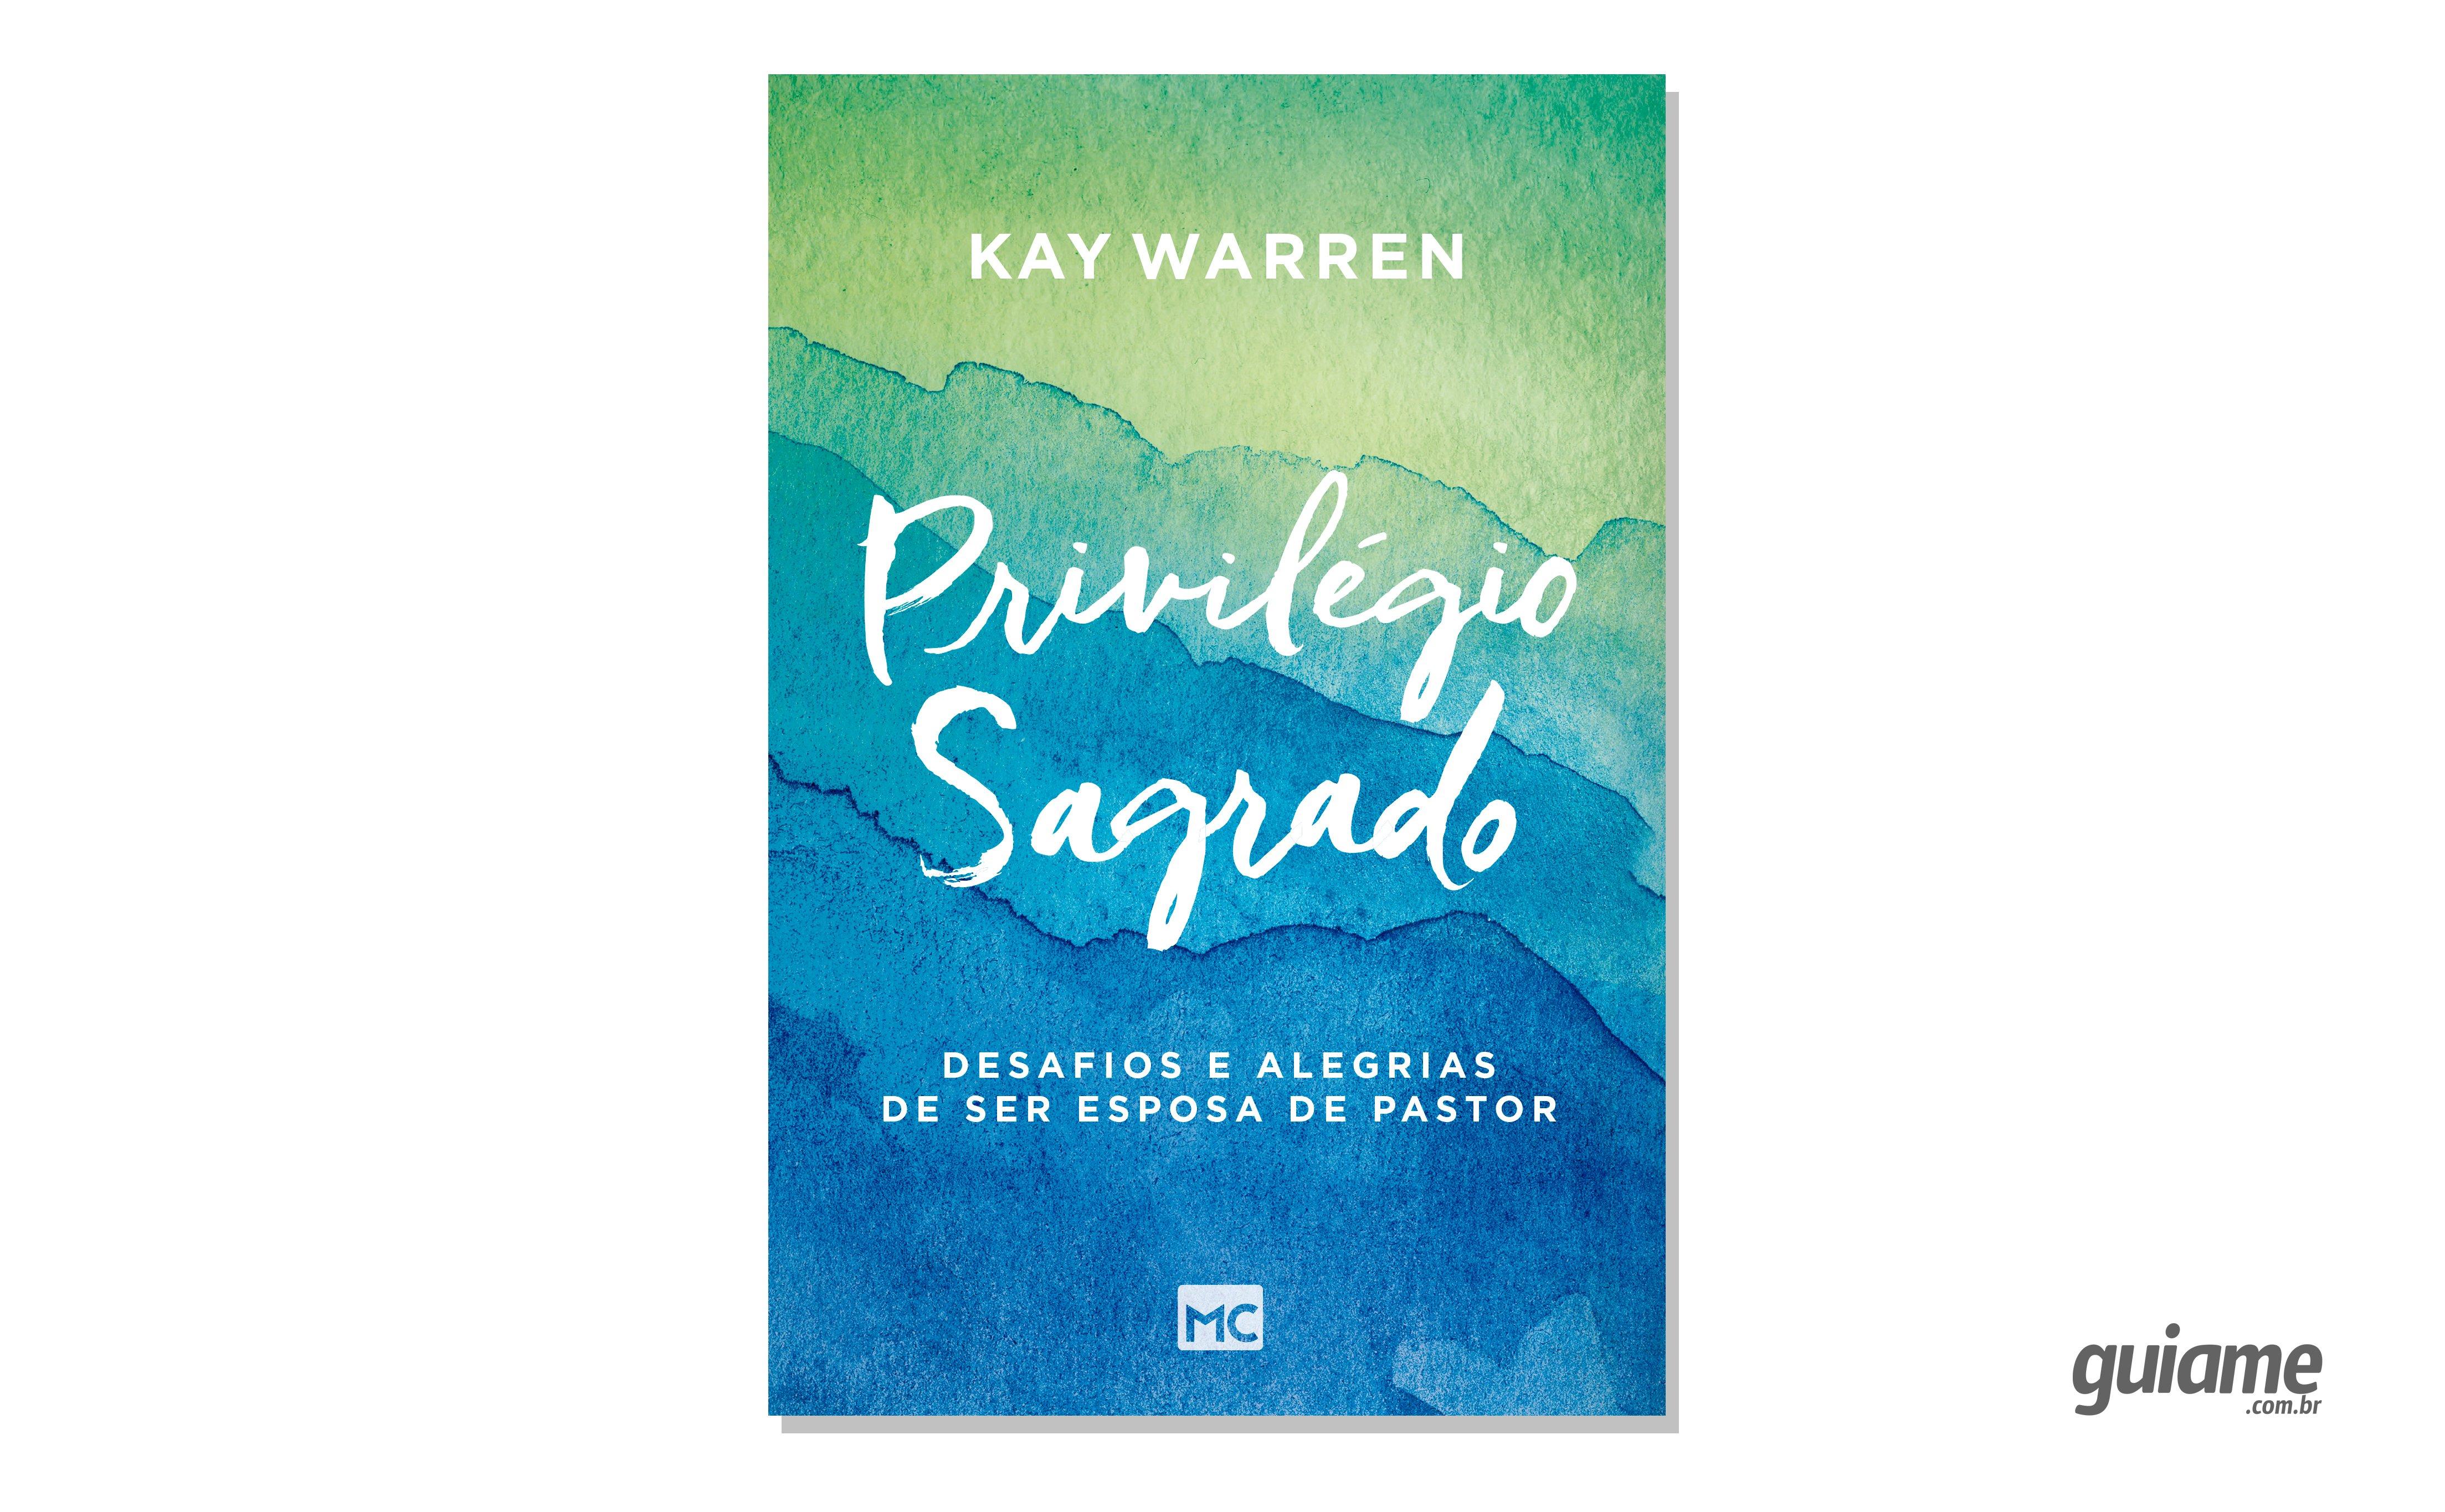 Kay Warren relata quais são os desafios de ser esposa de pastor